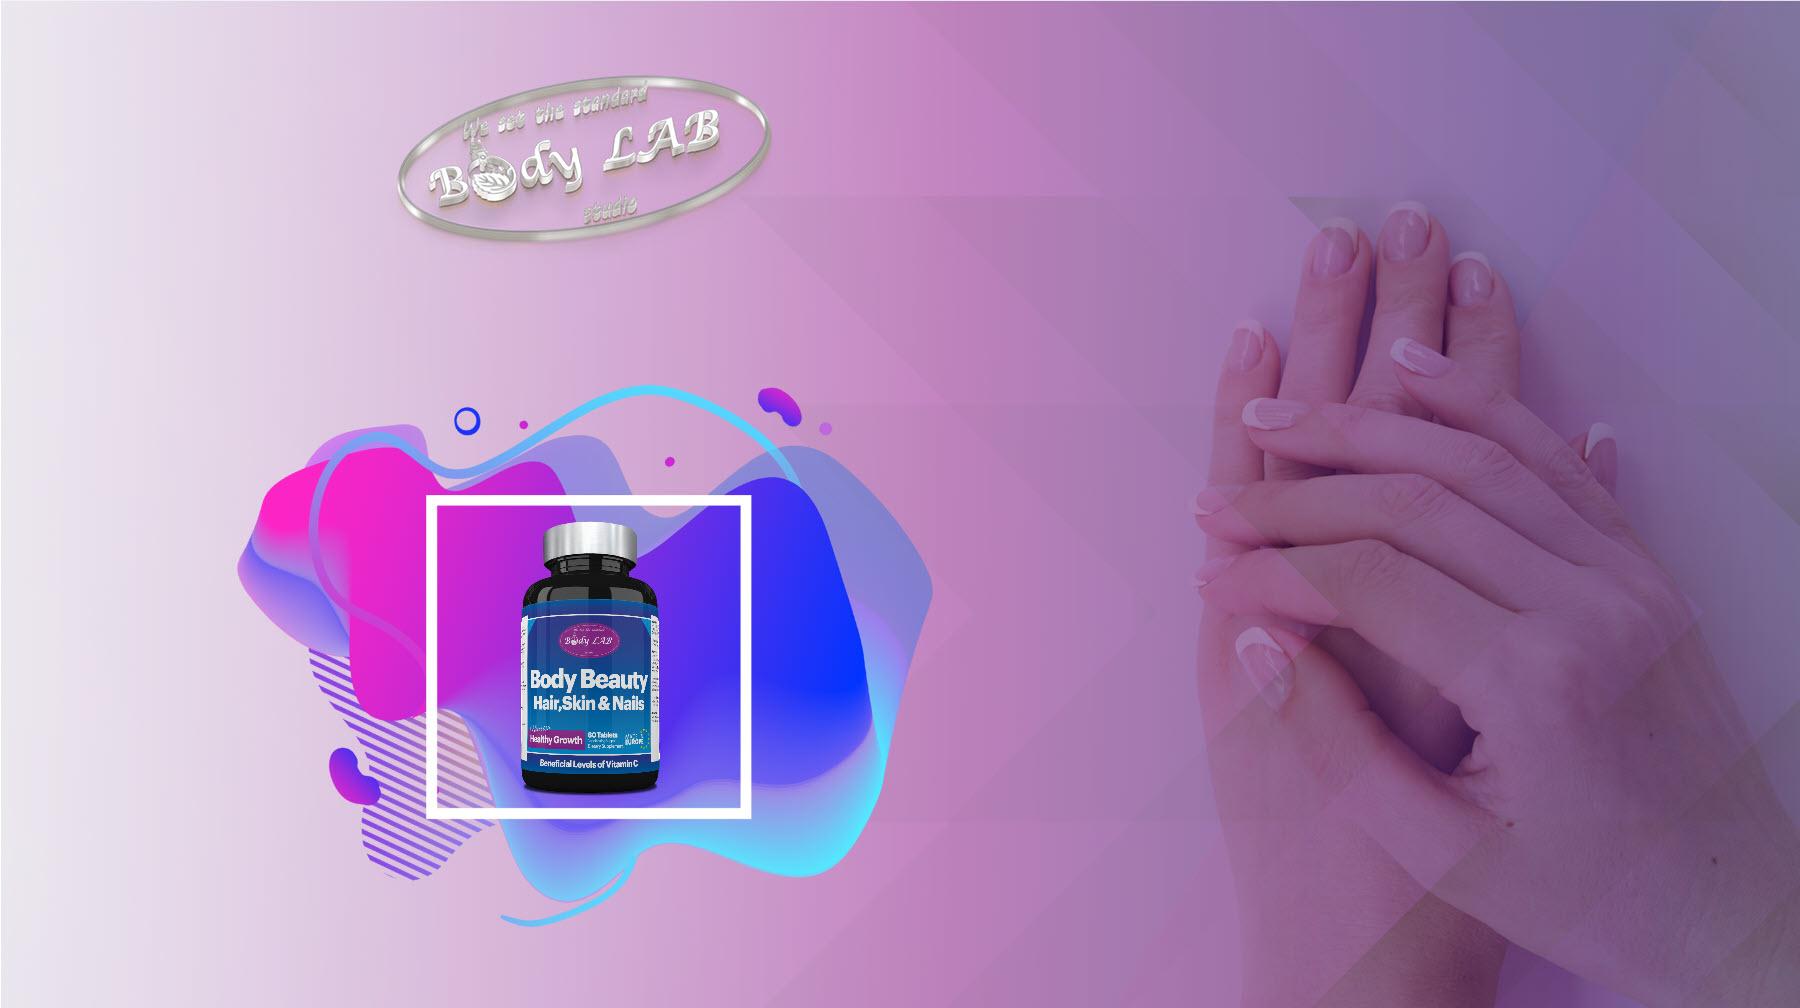 Body Beauty - Коса, кожа и нокти формула от BodyLAB Studio